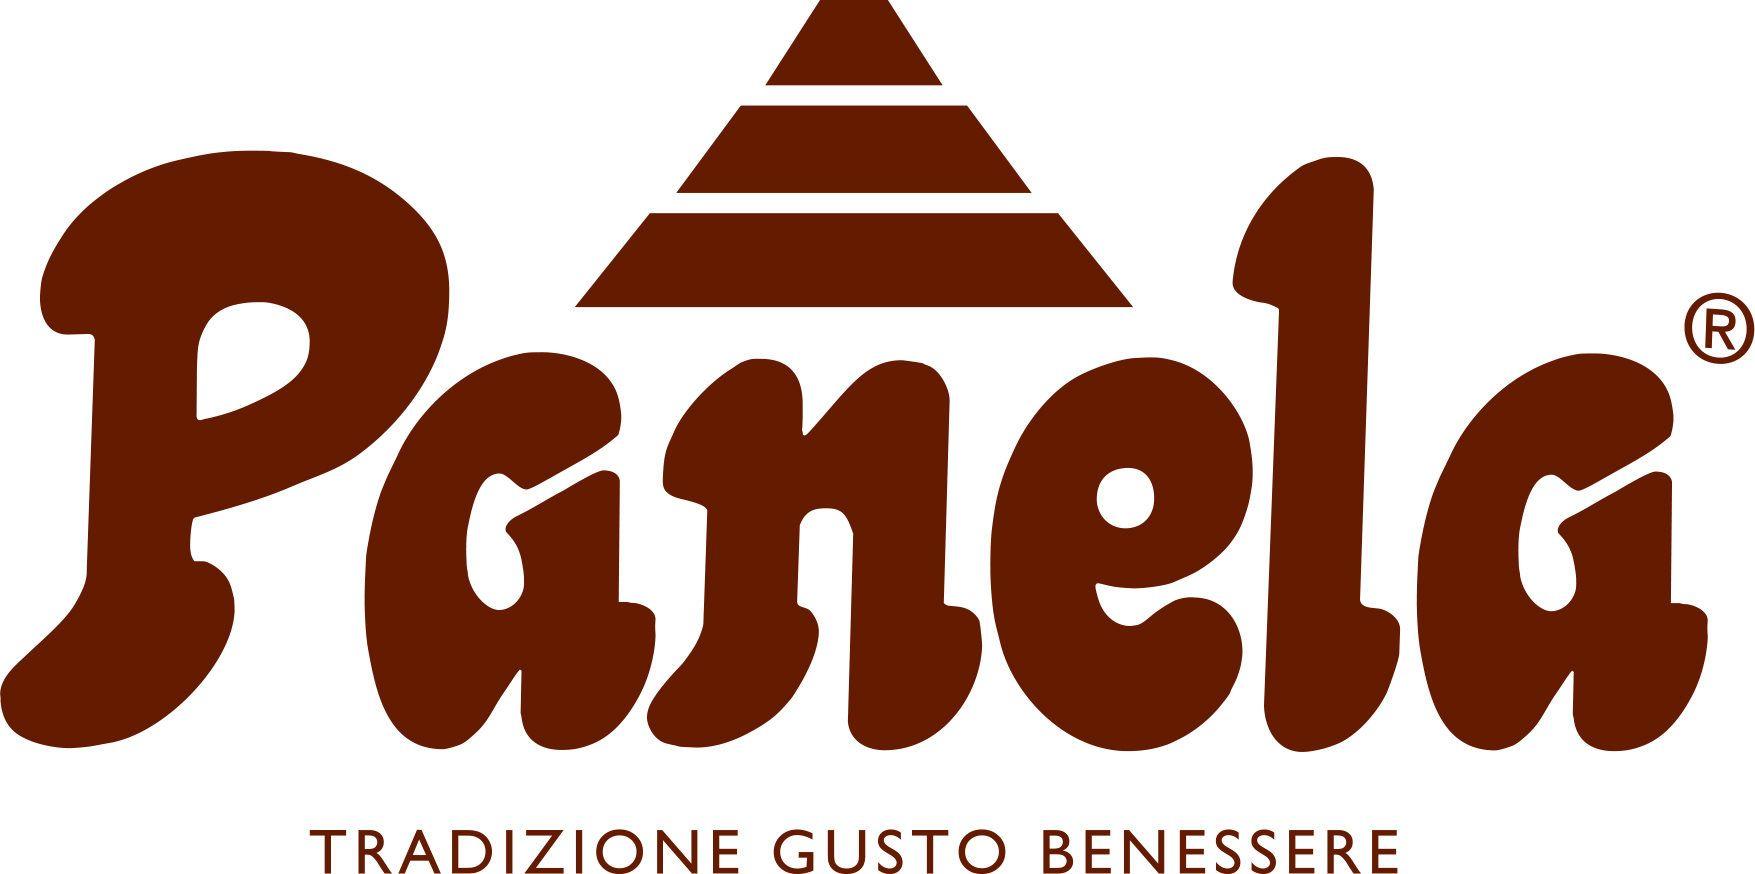 Panela – GTC S.r.l. Via Pascoli 6, 29010 Pontenure (Pc) P.IVA/Vat 01180350157 info@panela.it